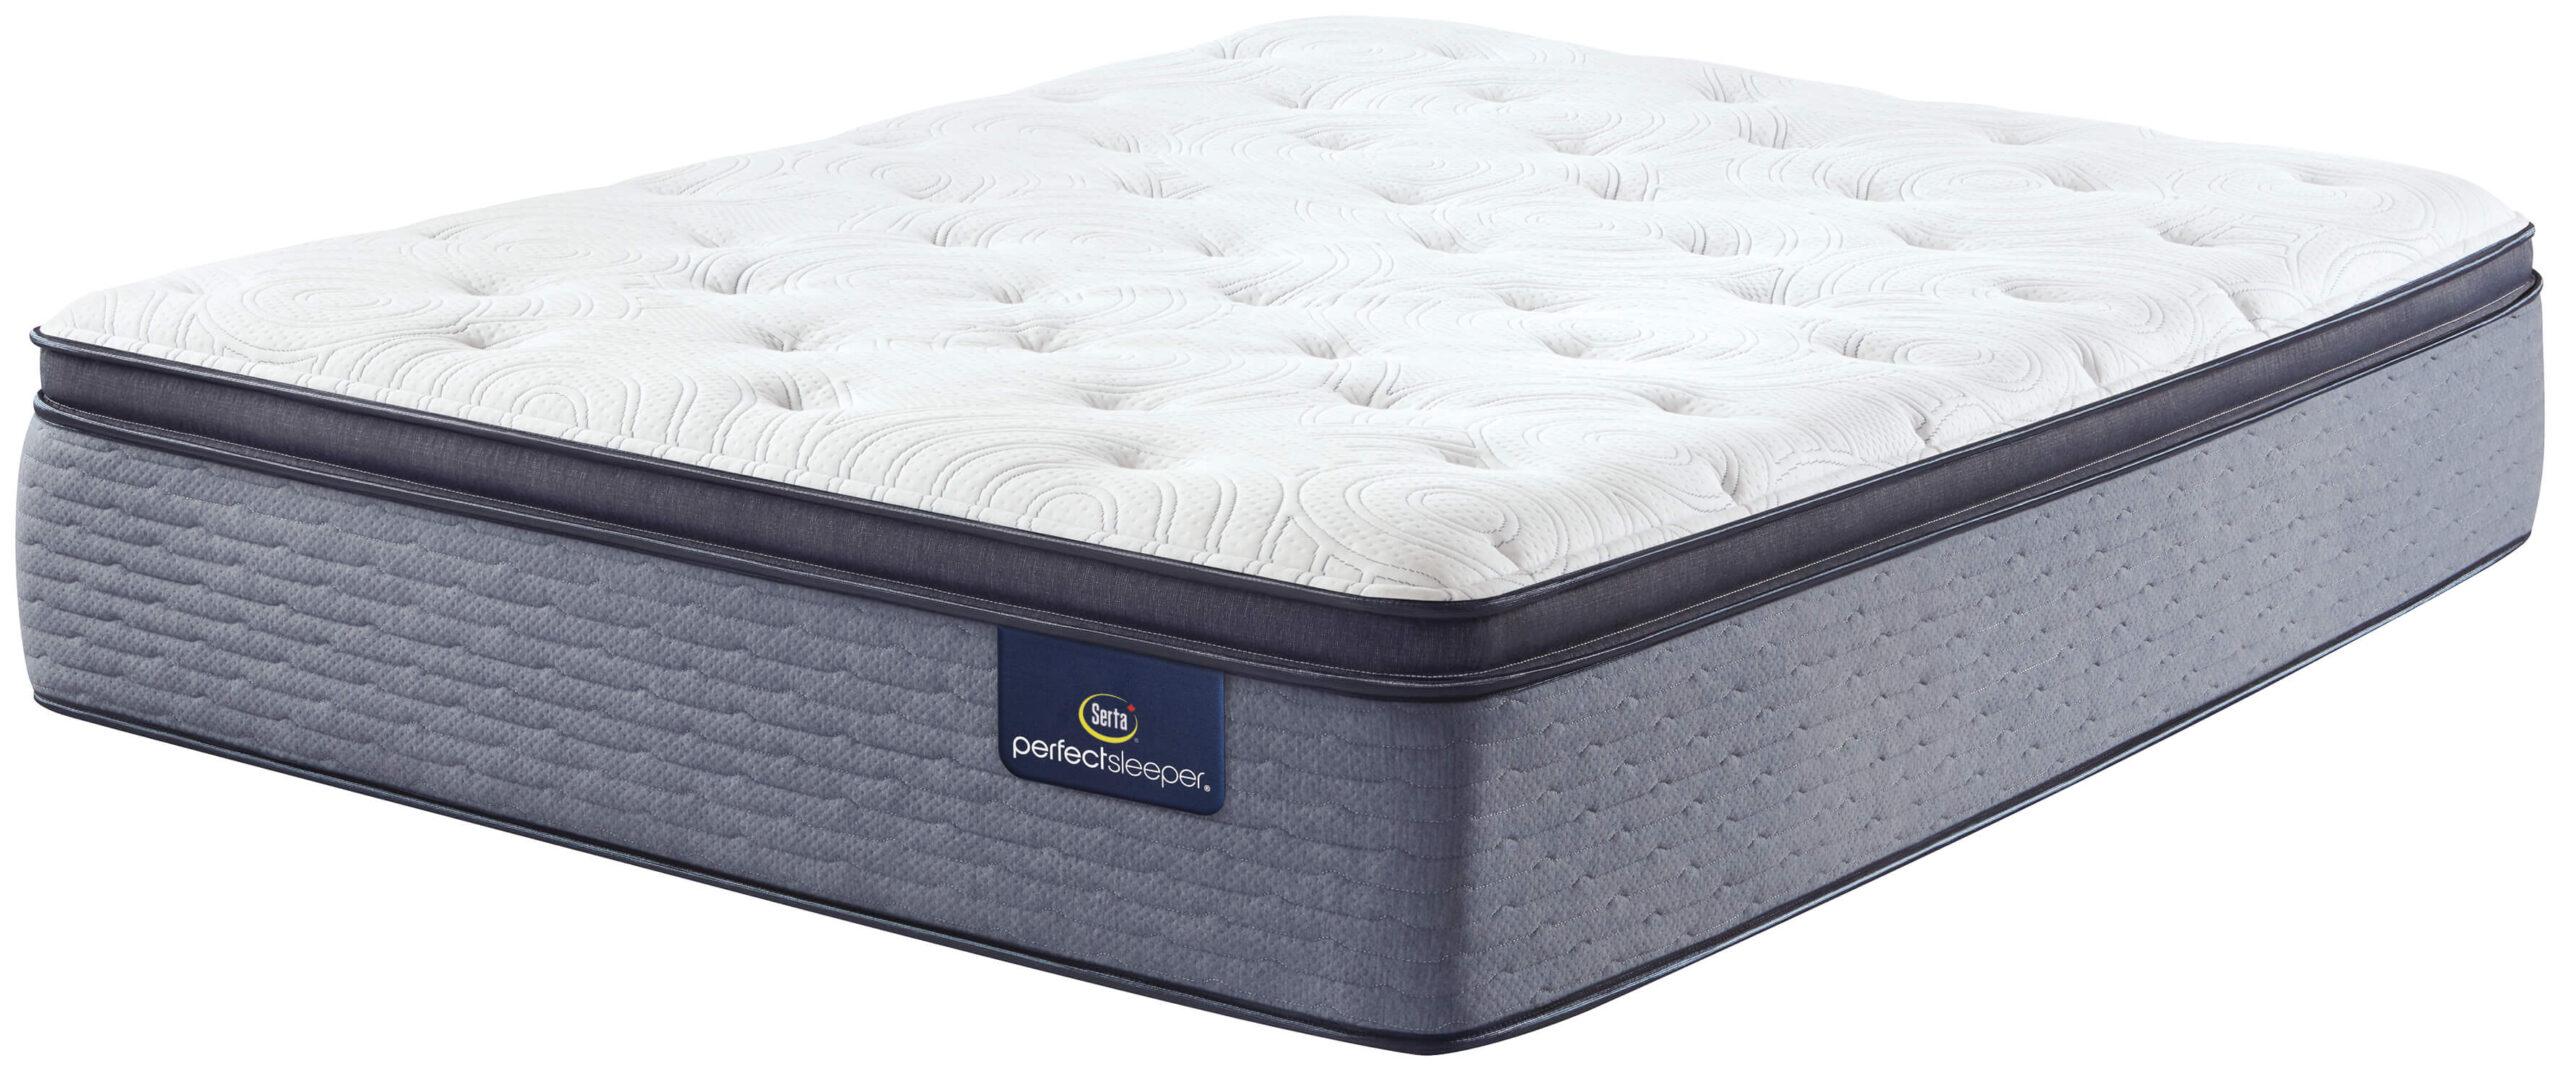 Perfect Sleeper Stimulate